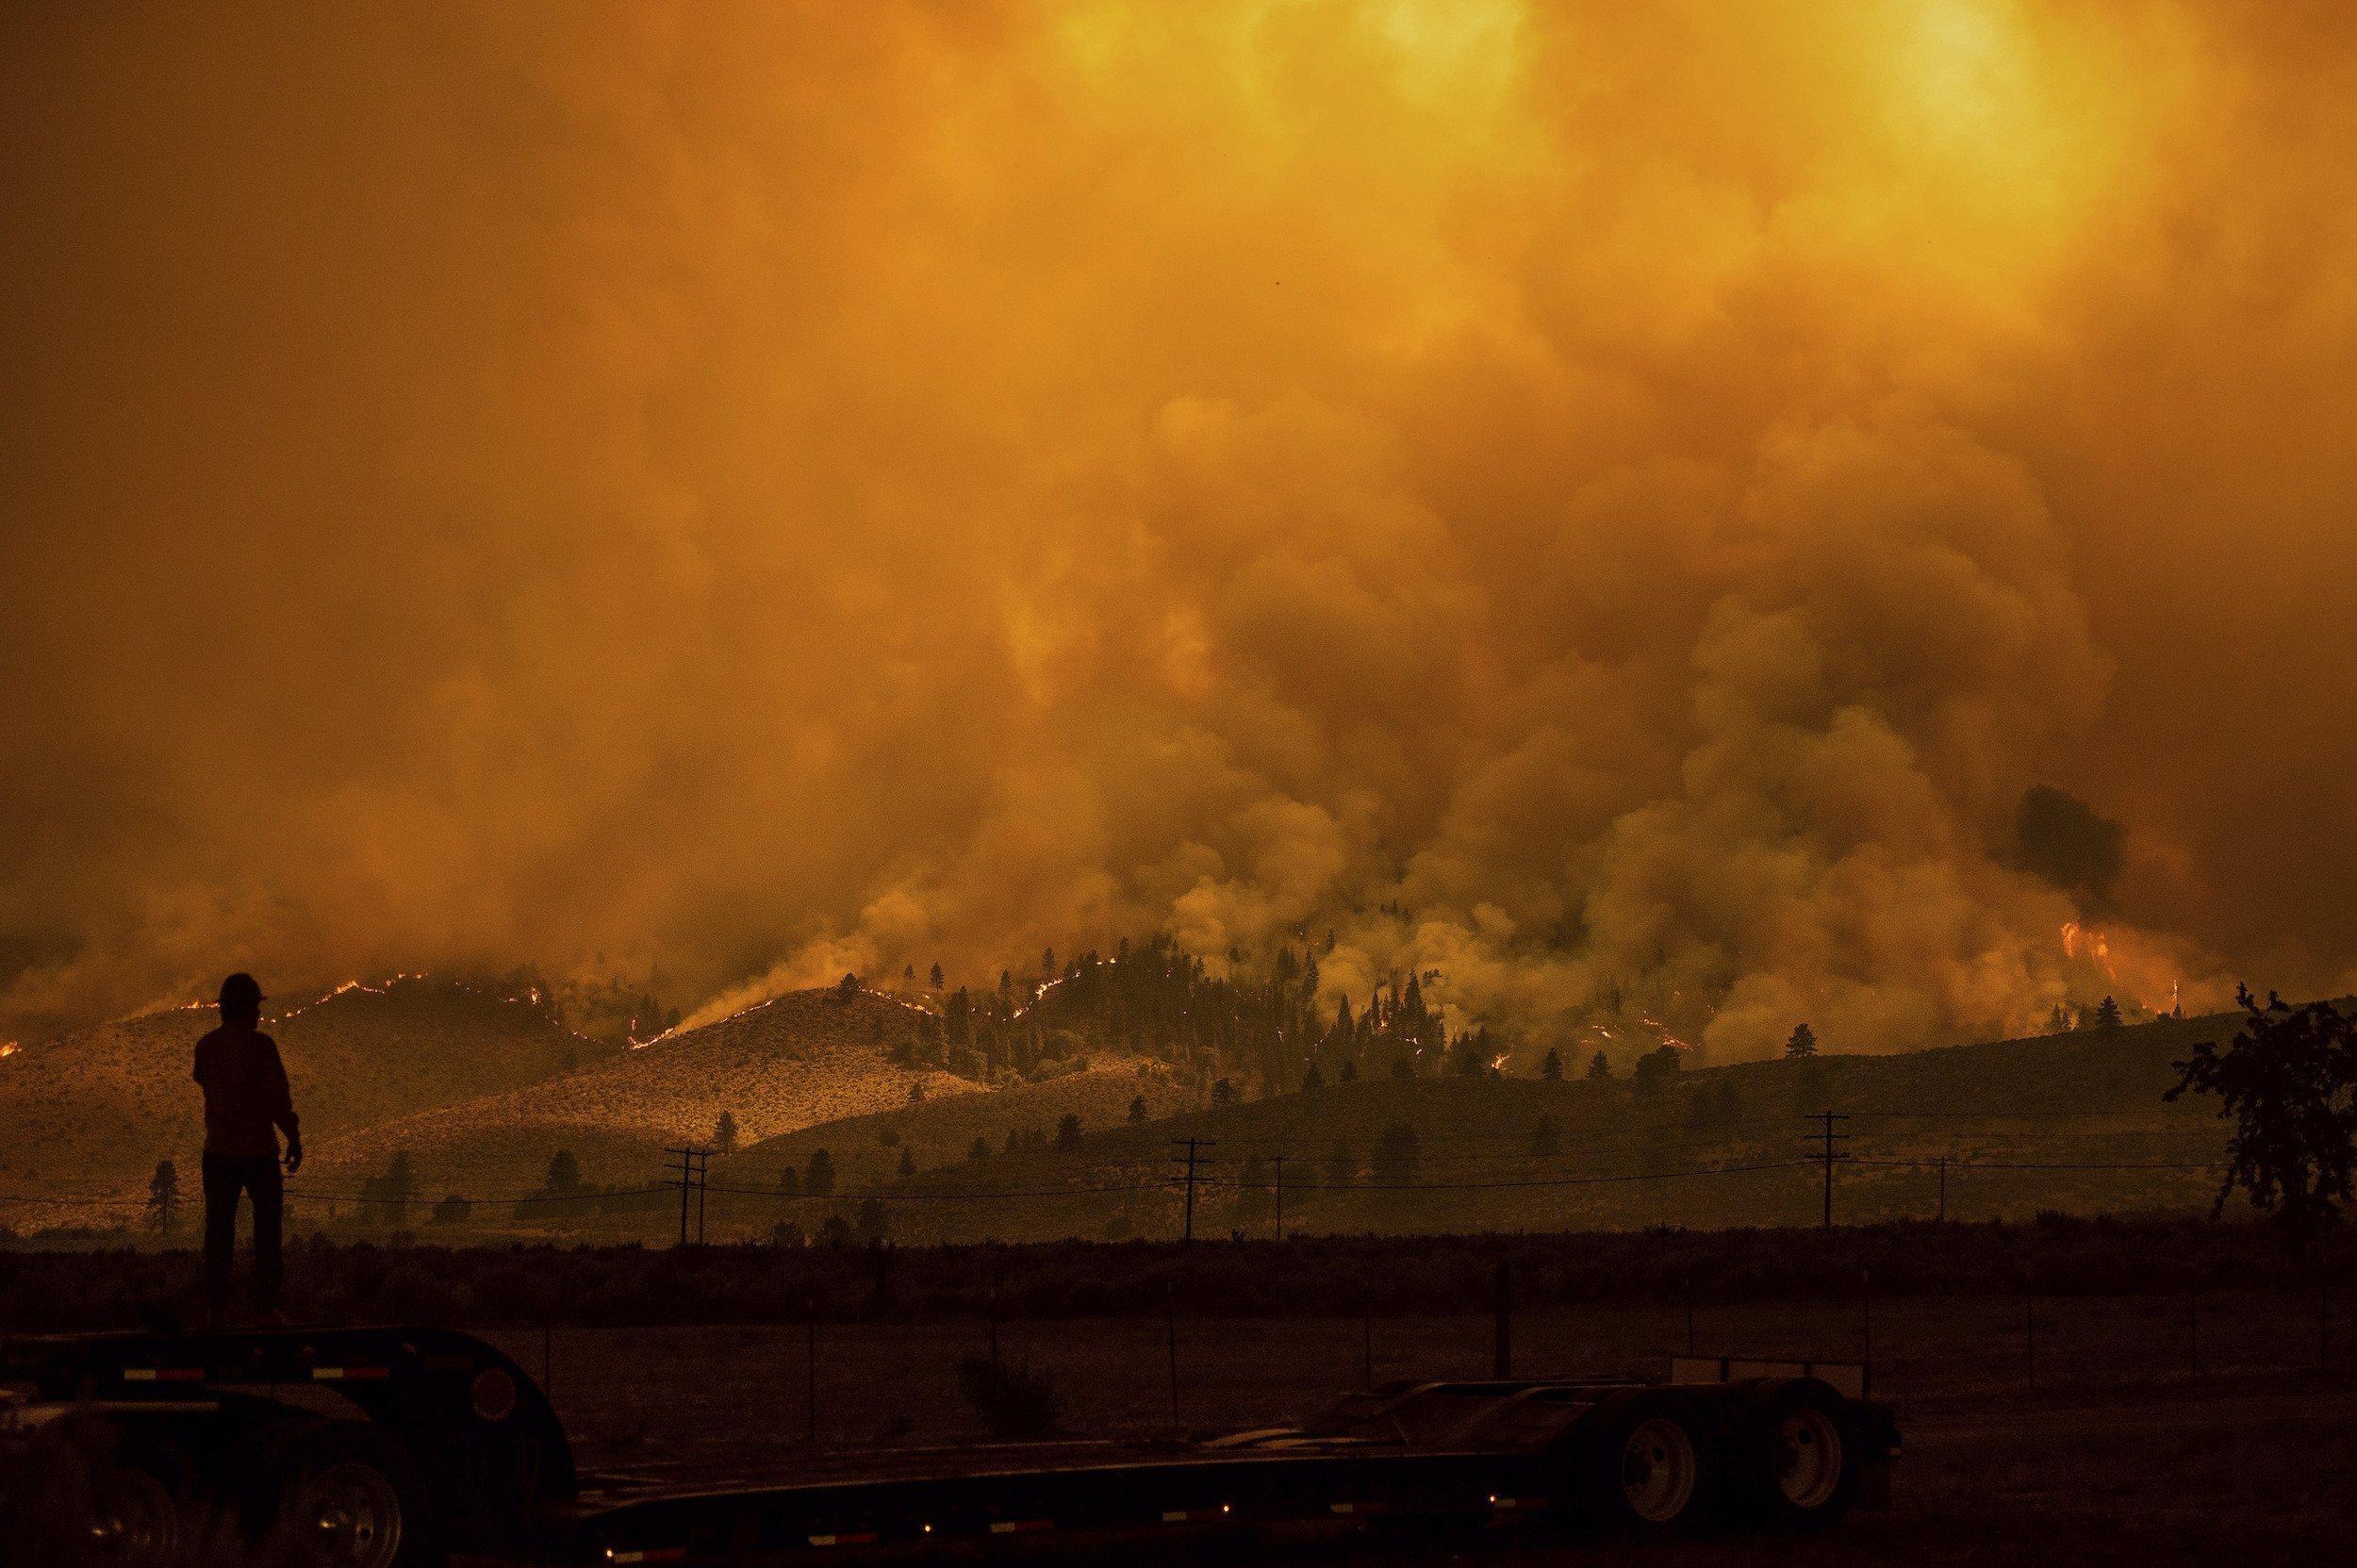 Mann blickt auf brennende Hügelkette